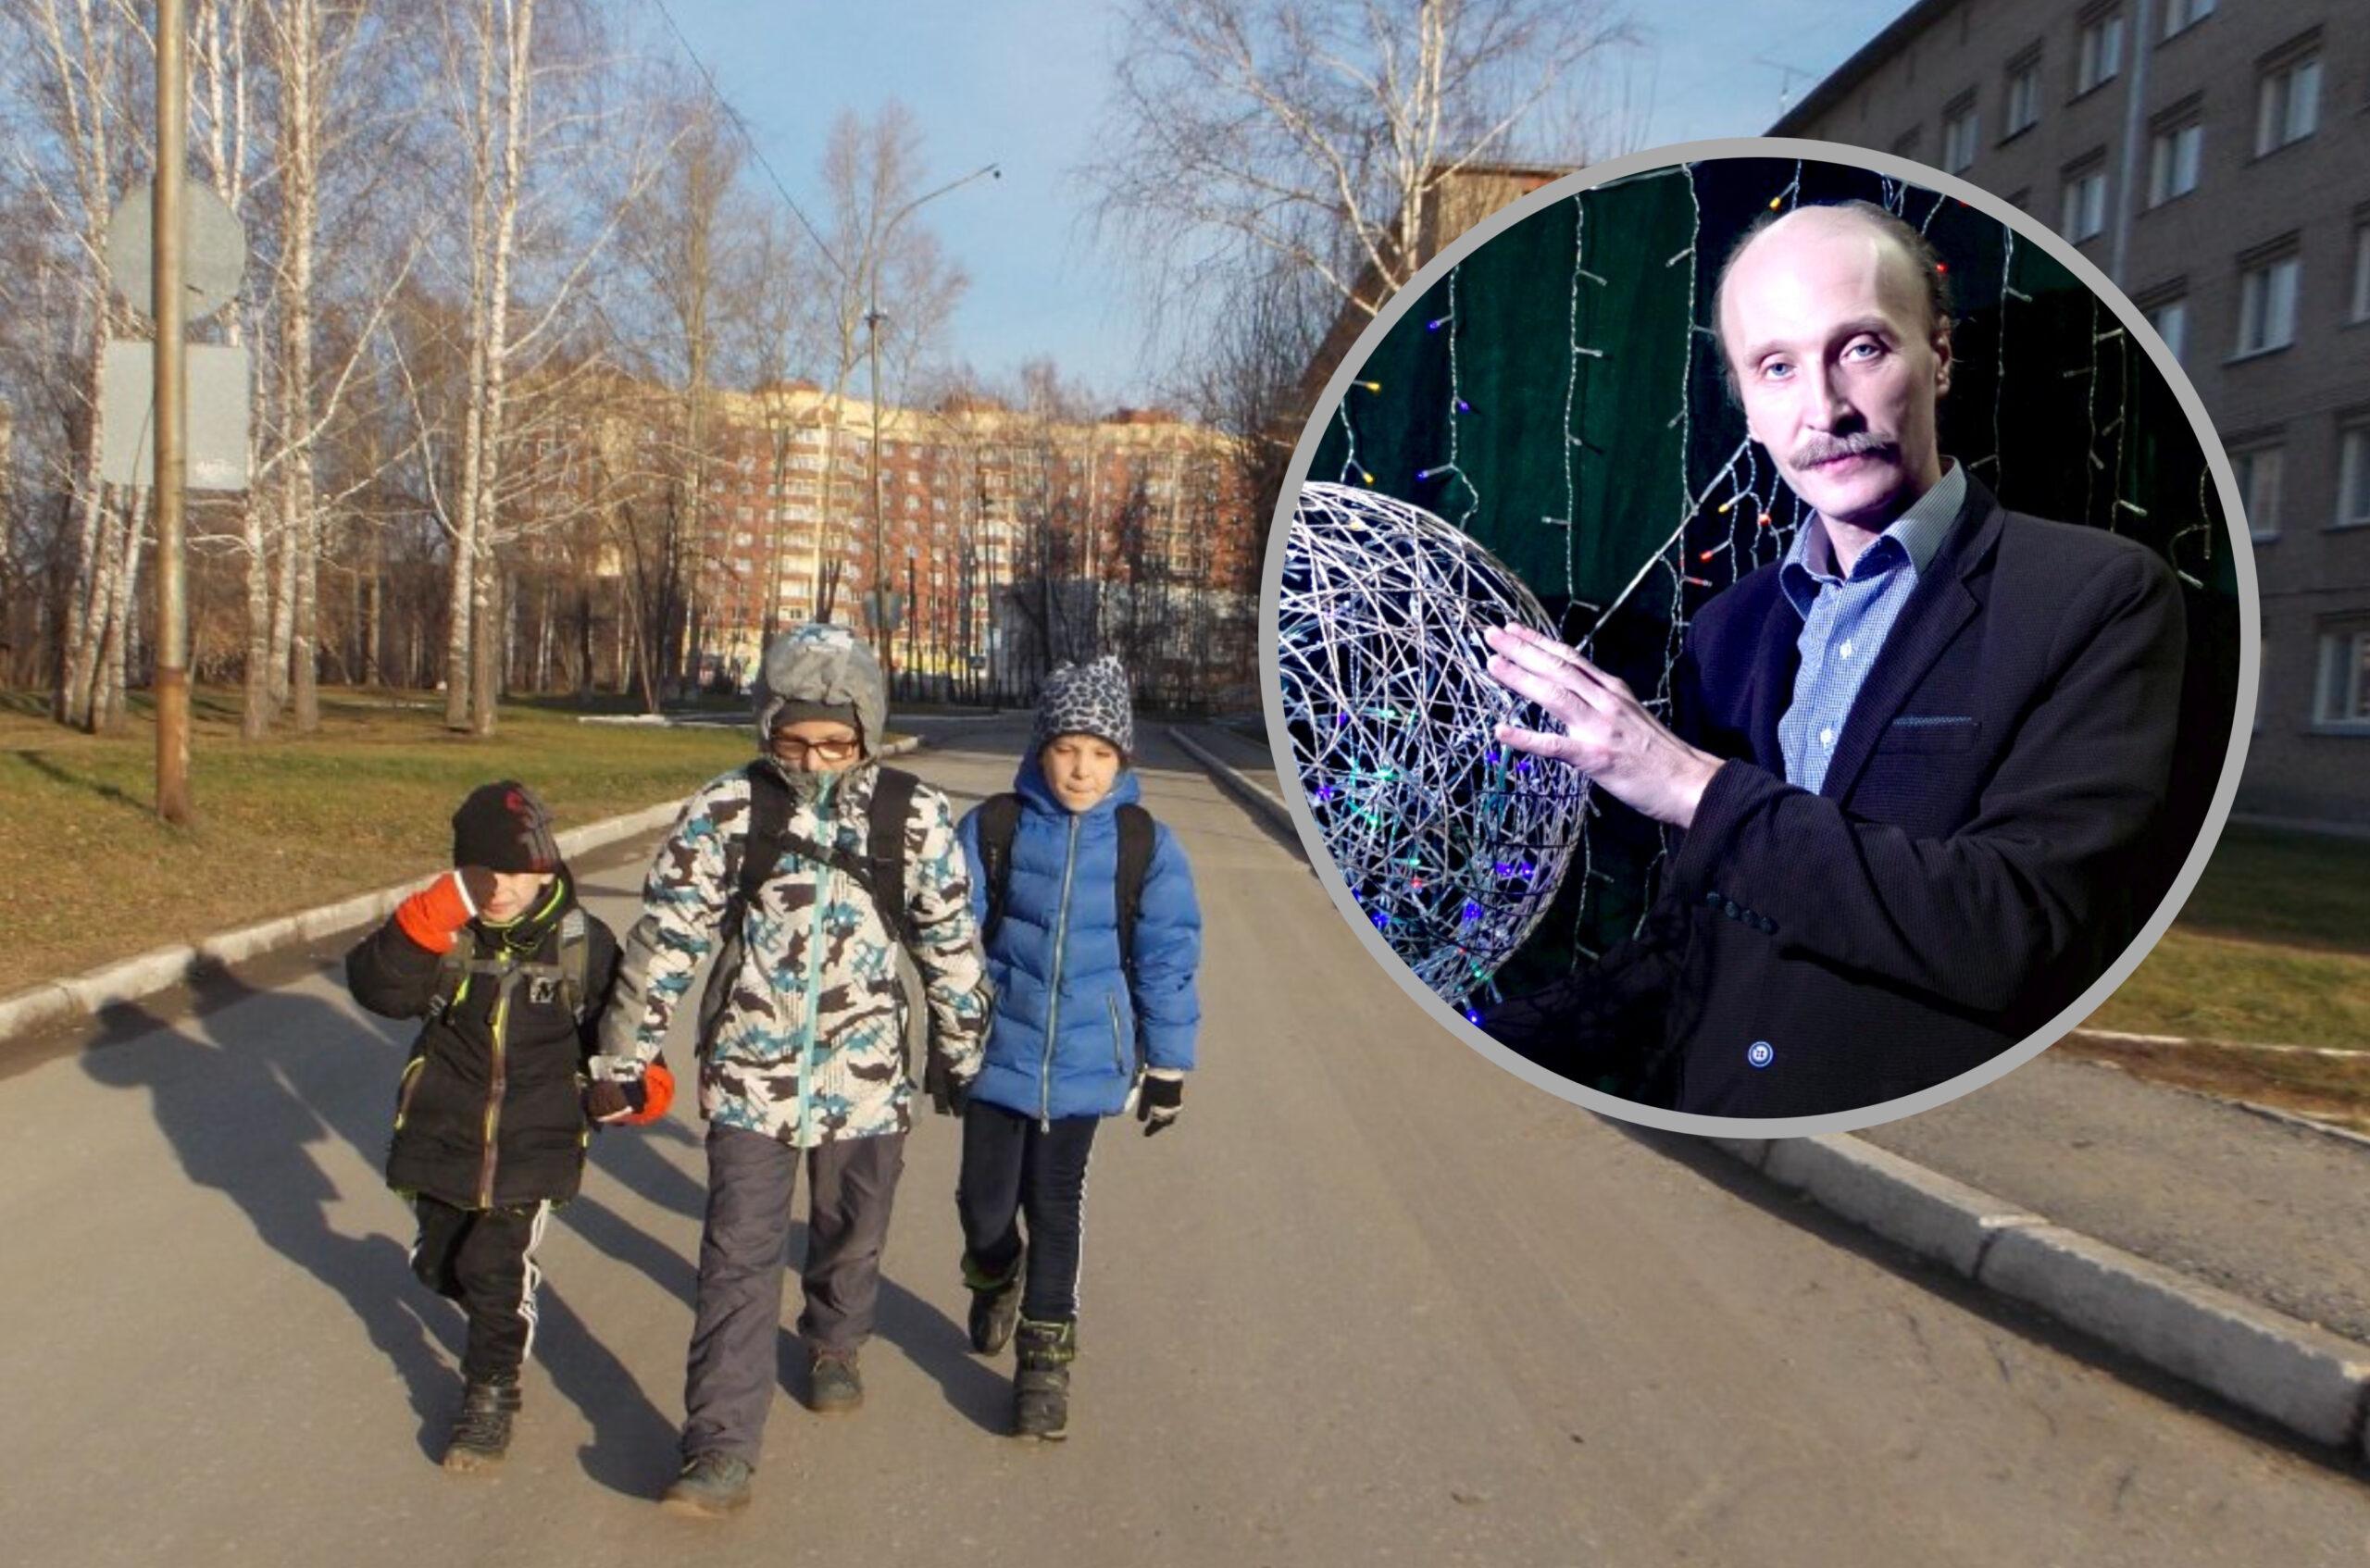 -Новость Андрей Андреев с детьми сибирский информационный портал 02 Декабрь